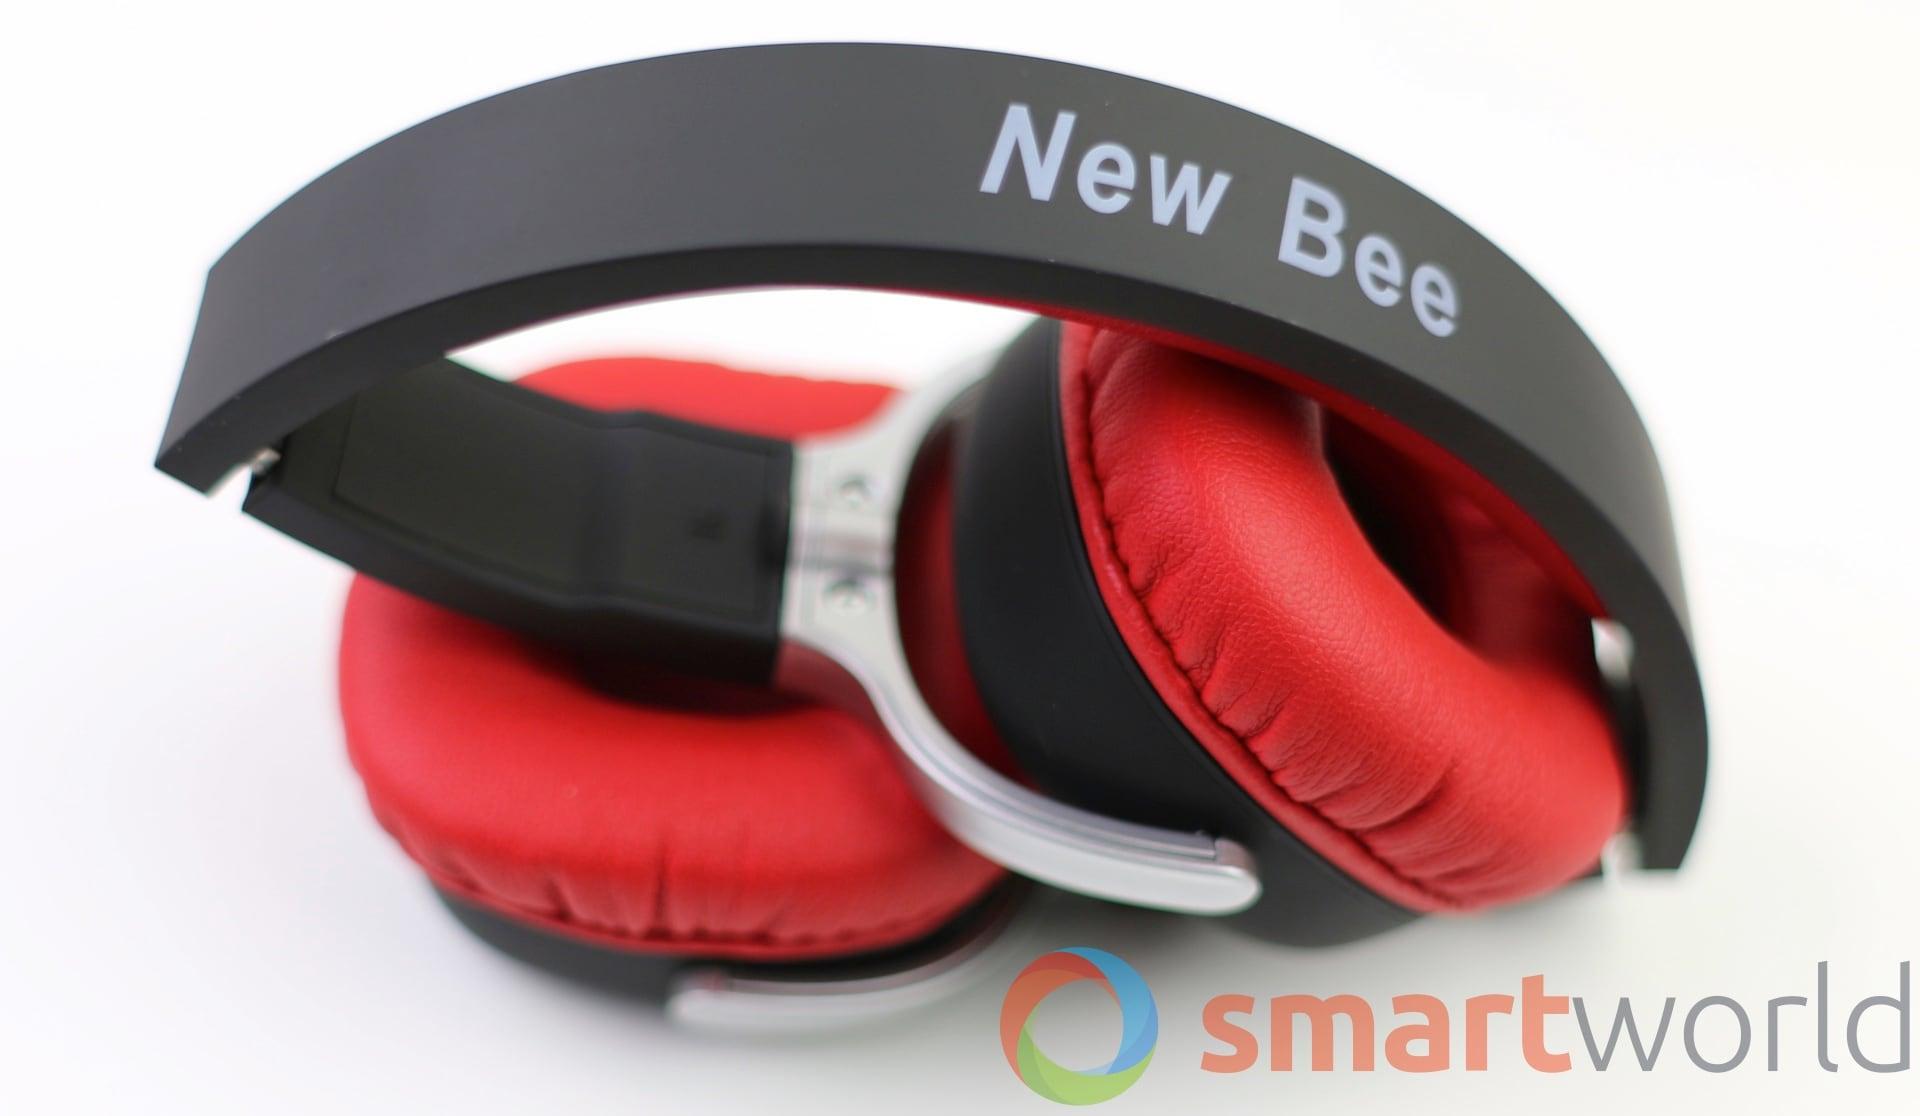 New Bee NB-9 -15